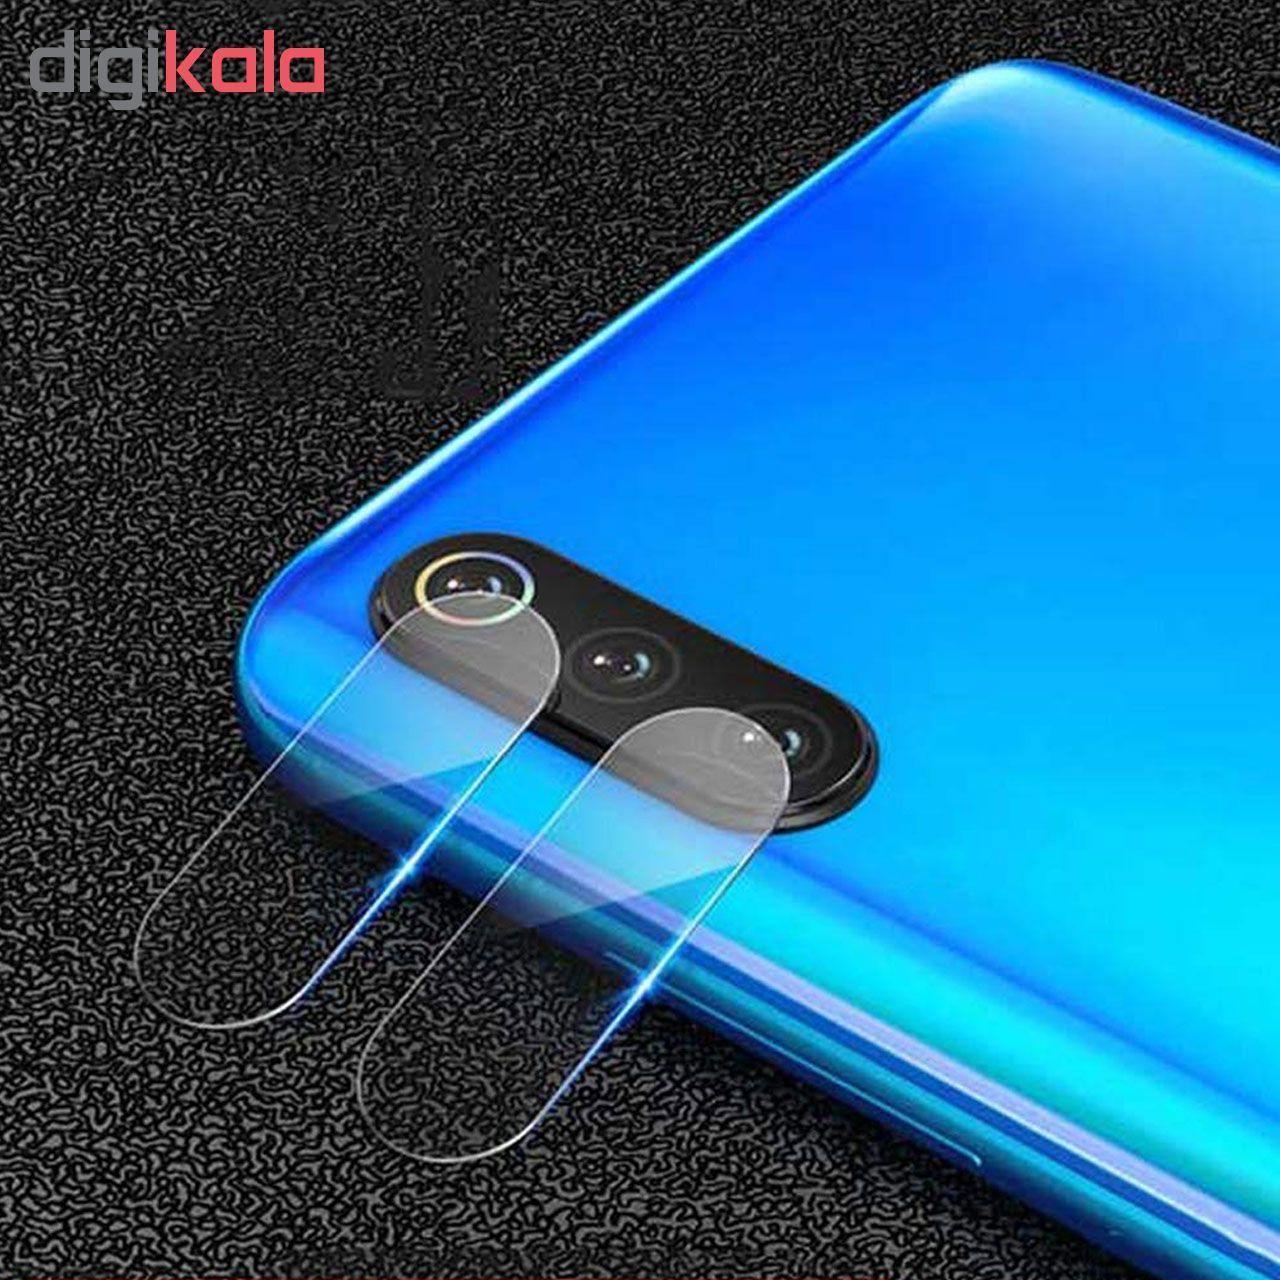 محافظ لنز دوربین هورس مدل UTF مناسب برای گوشی موبایل شیائومی Mi 8 بسته سه عددی main 1 3